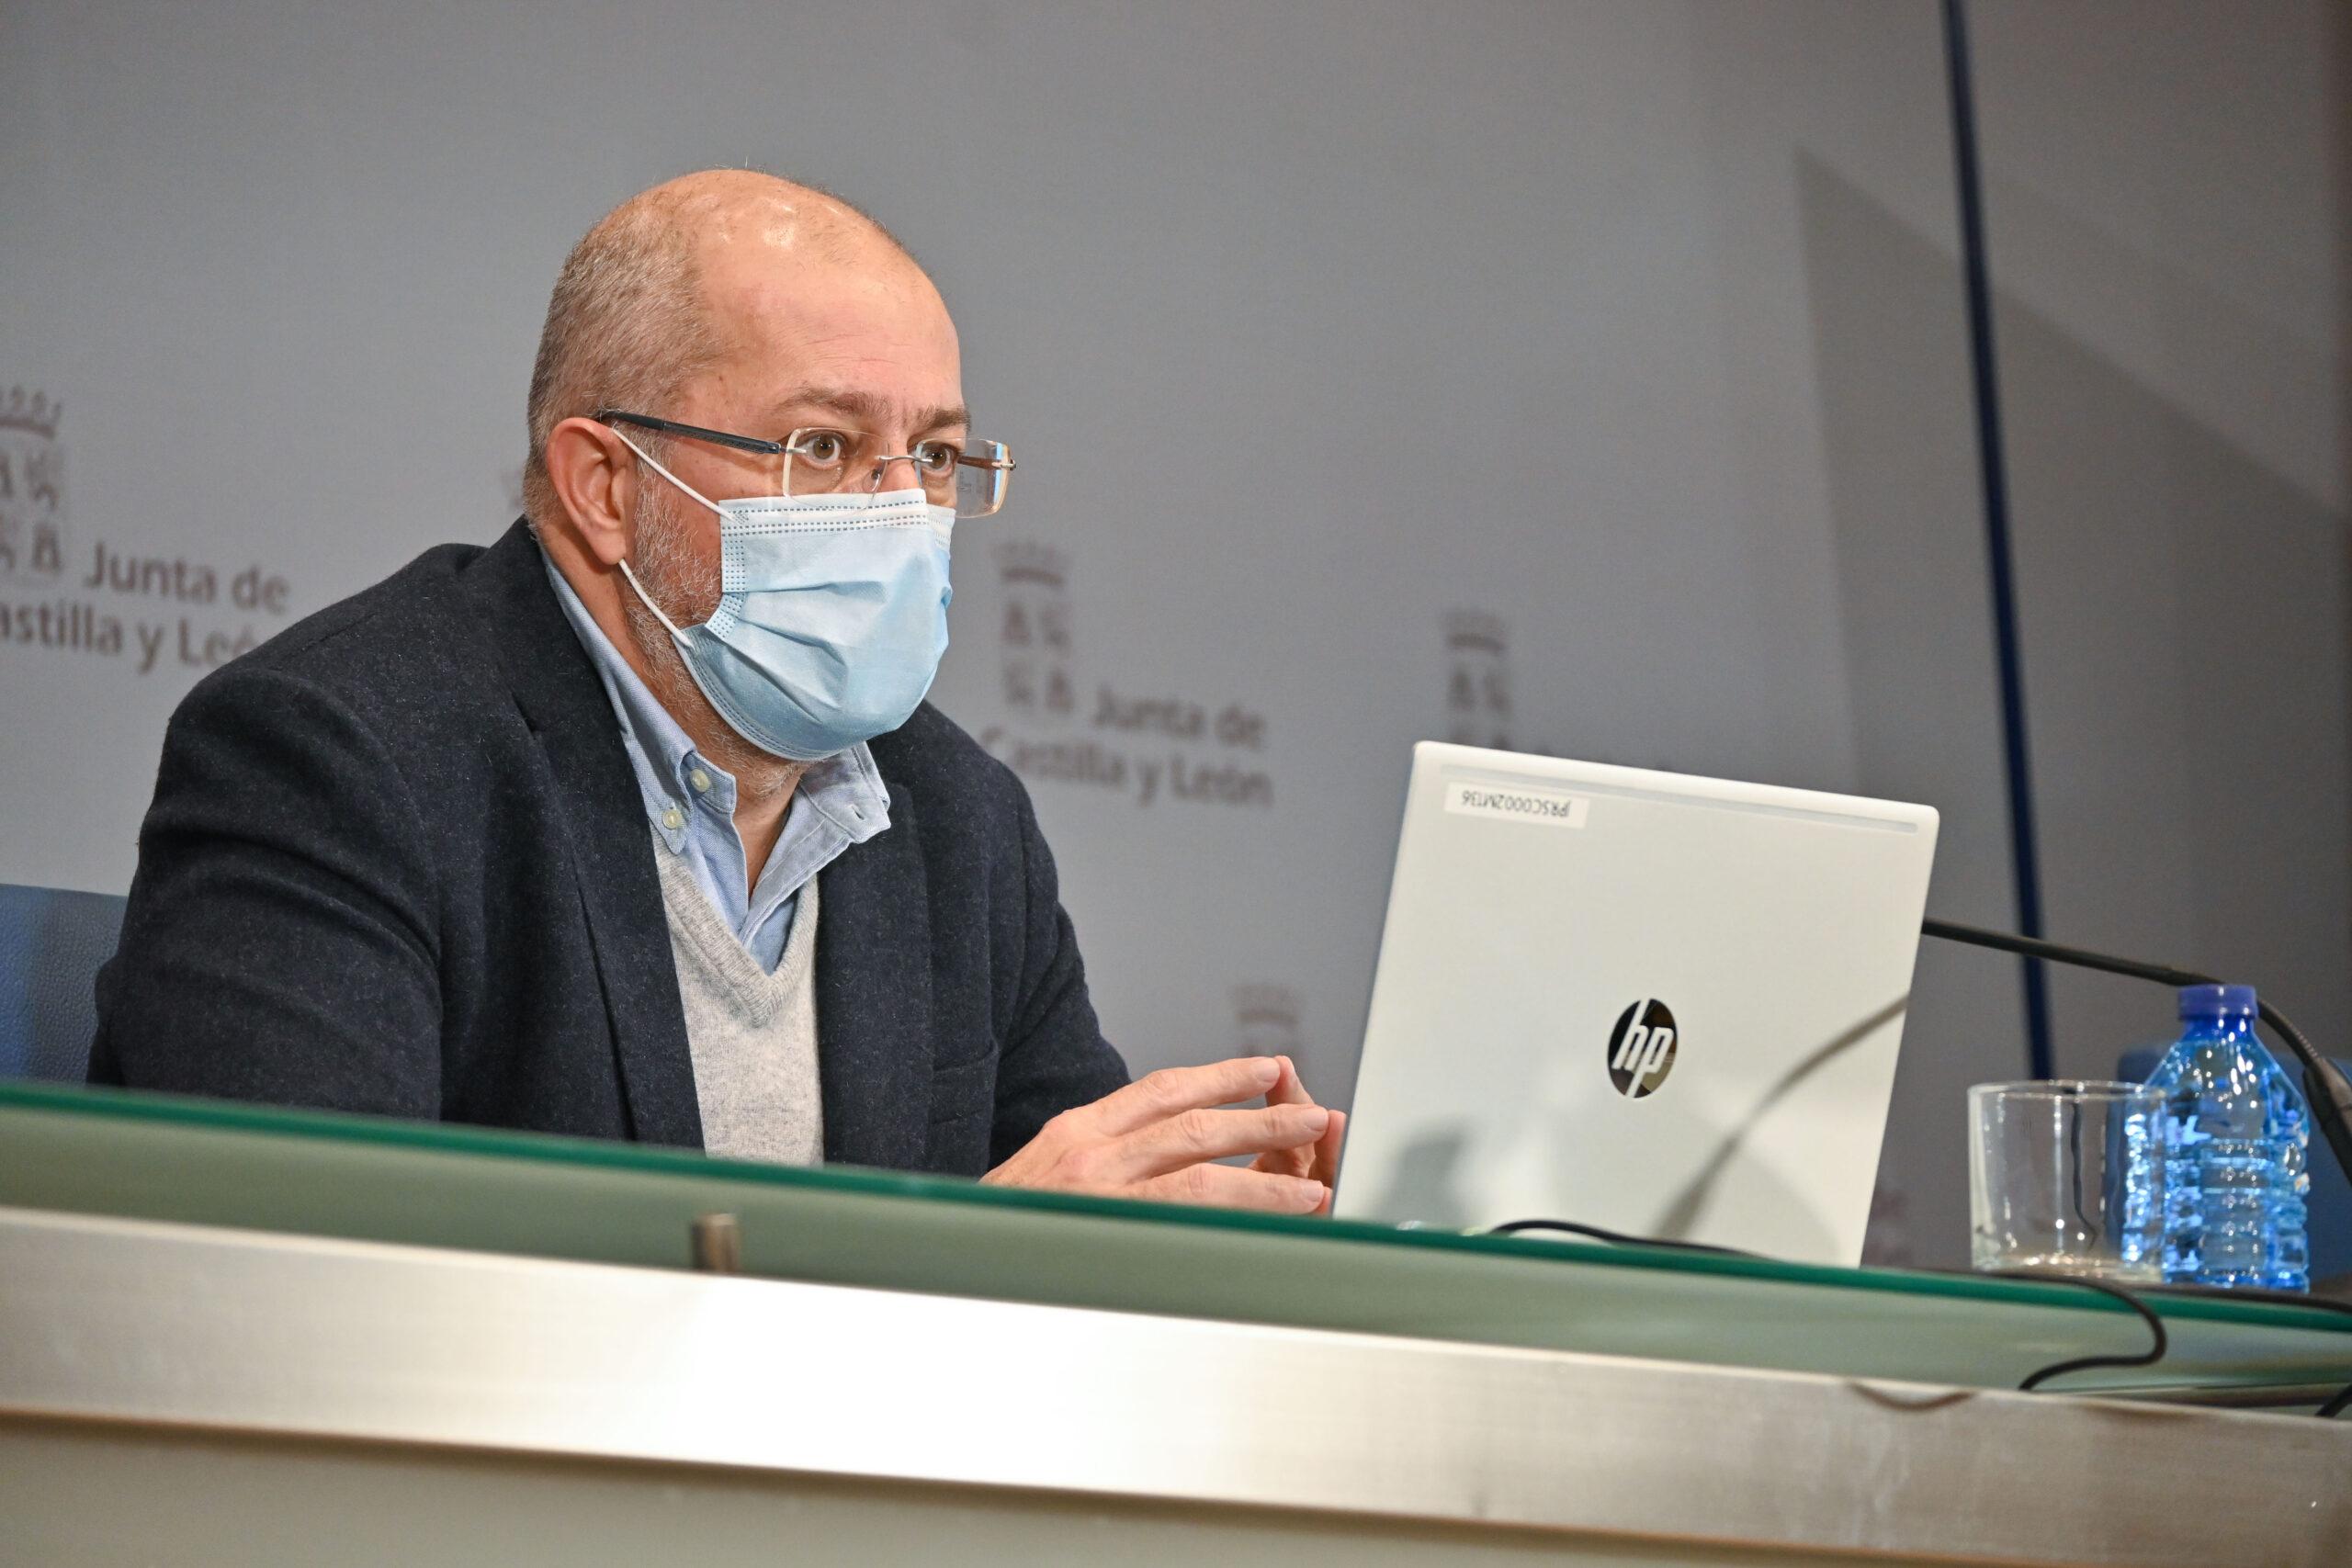 Francisco Igea Castilla y León